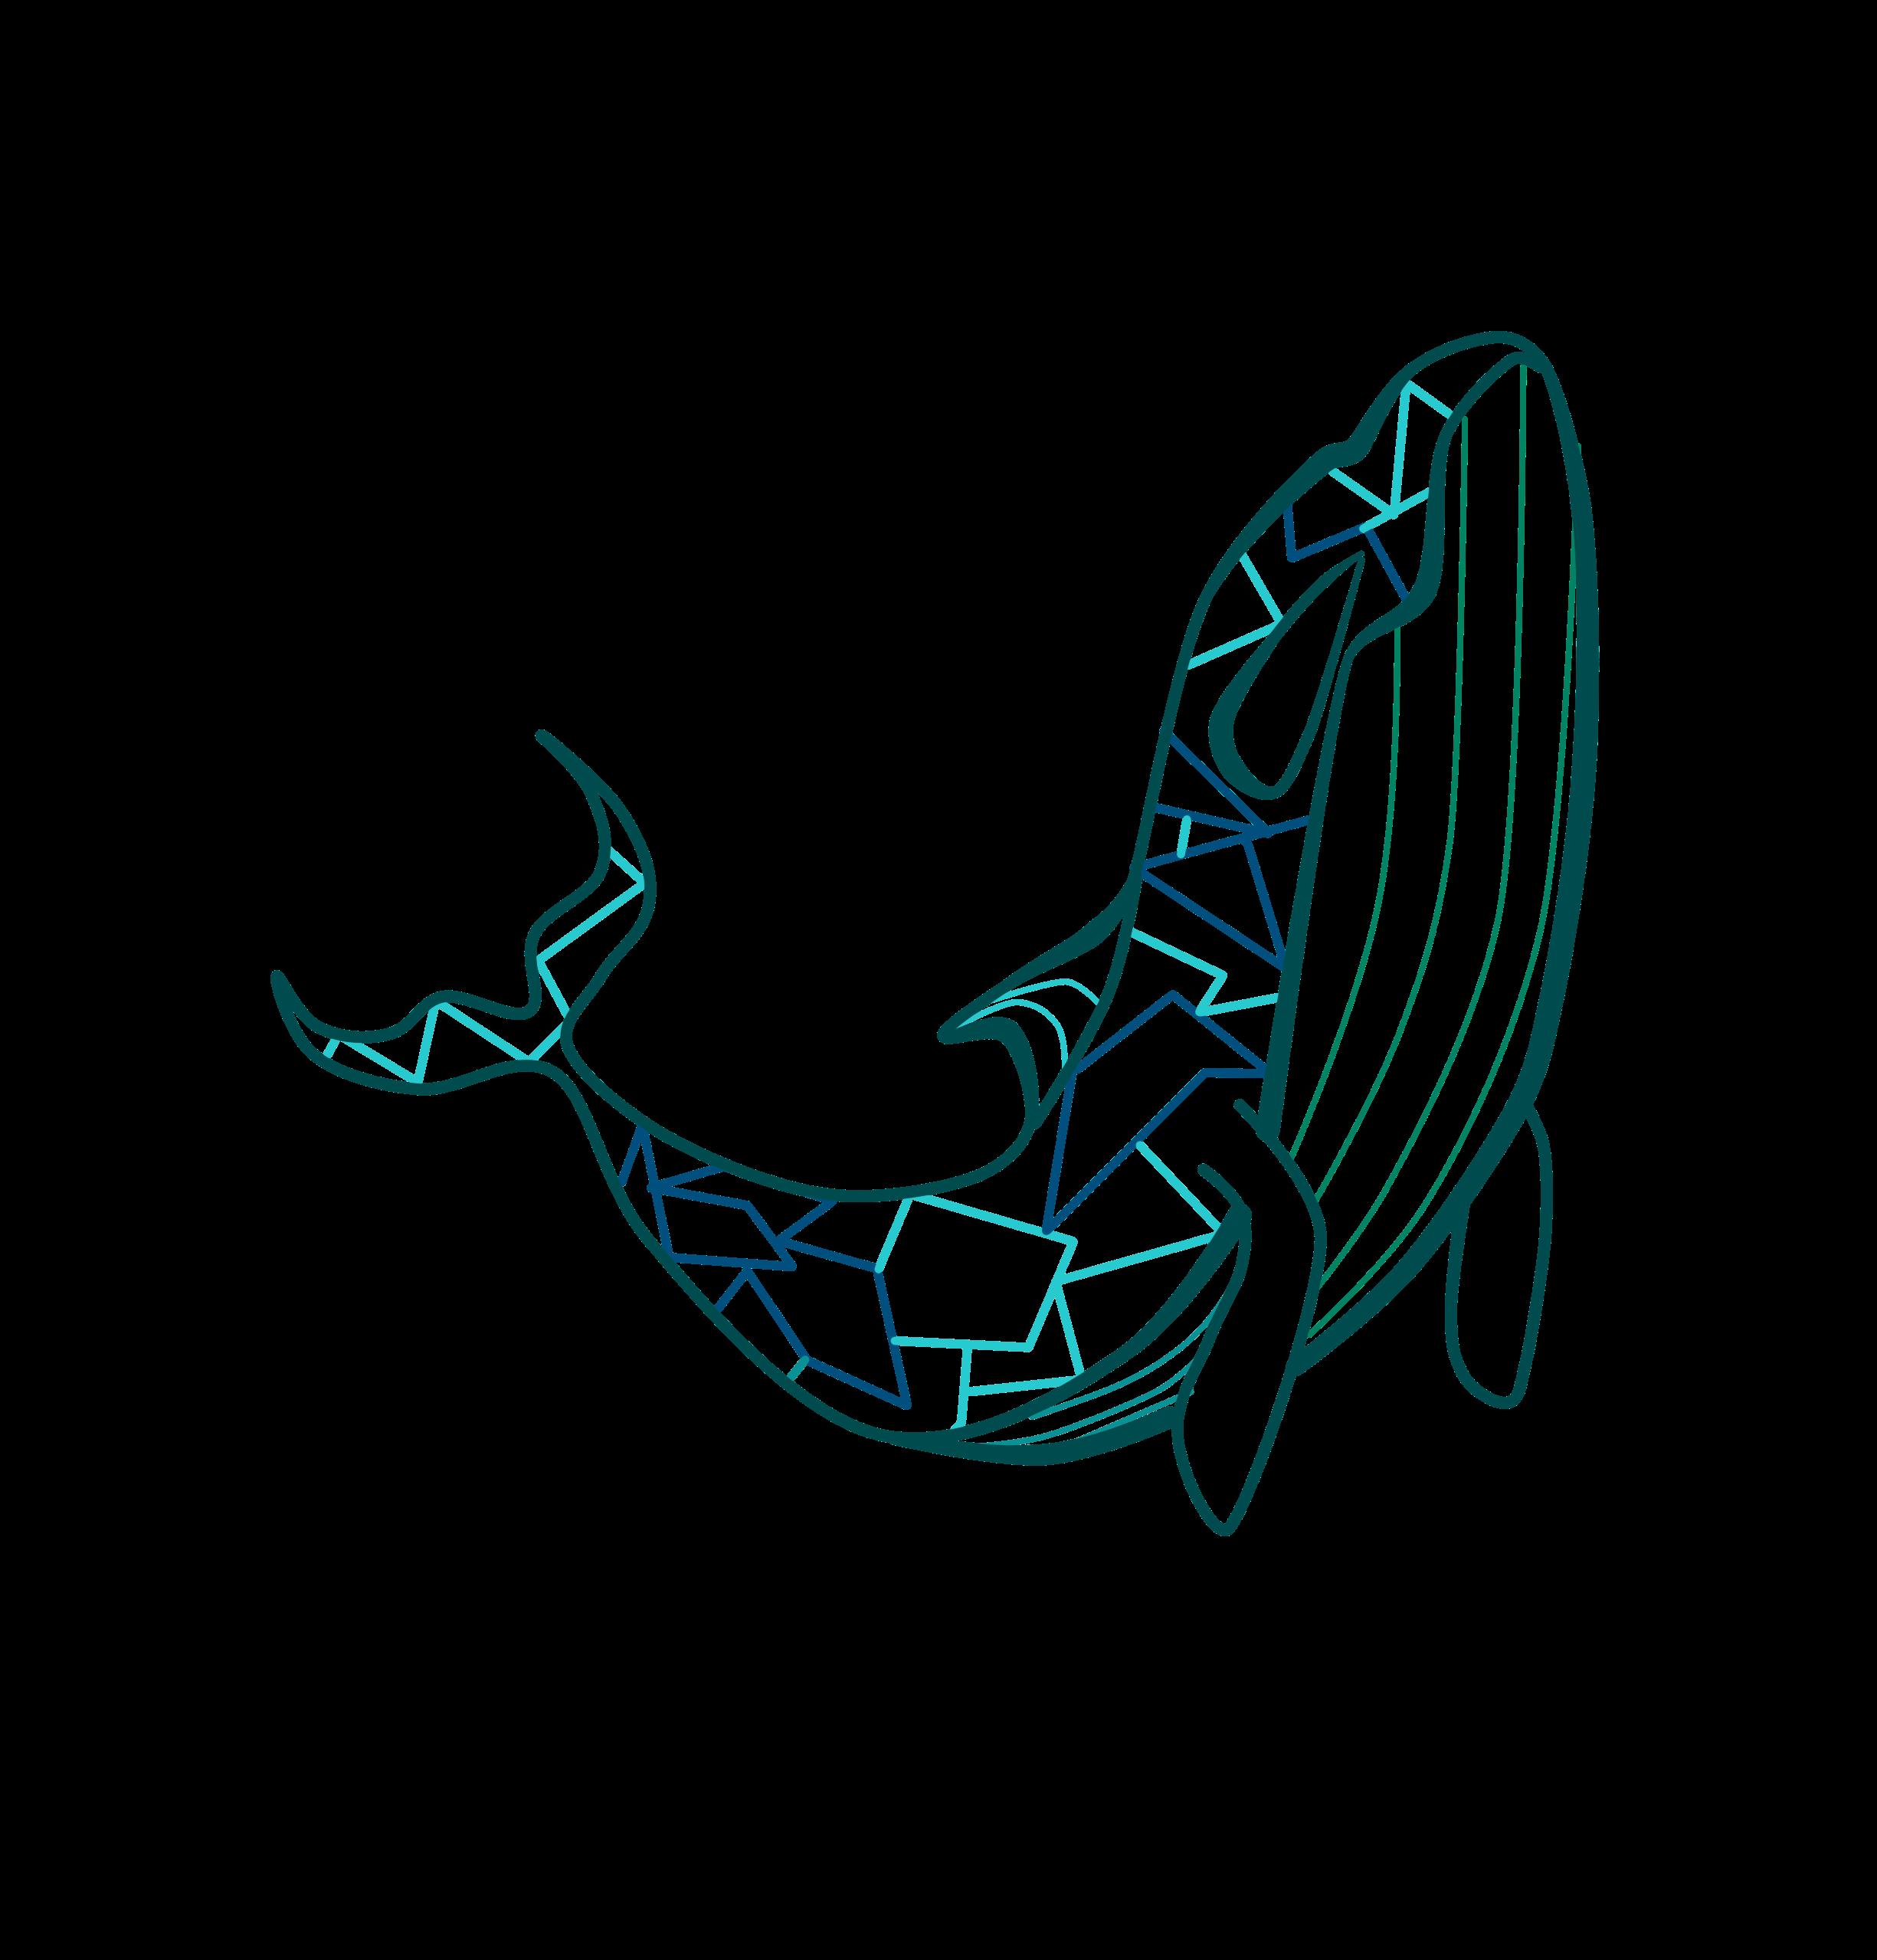 Разработка фирменного символа компании - касатки, НЕ ЛОГОТИП фото f_1765b027a5de0259.png